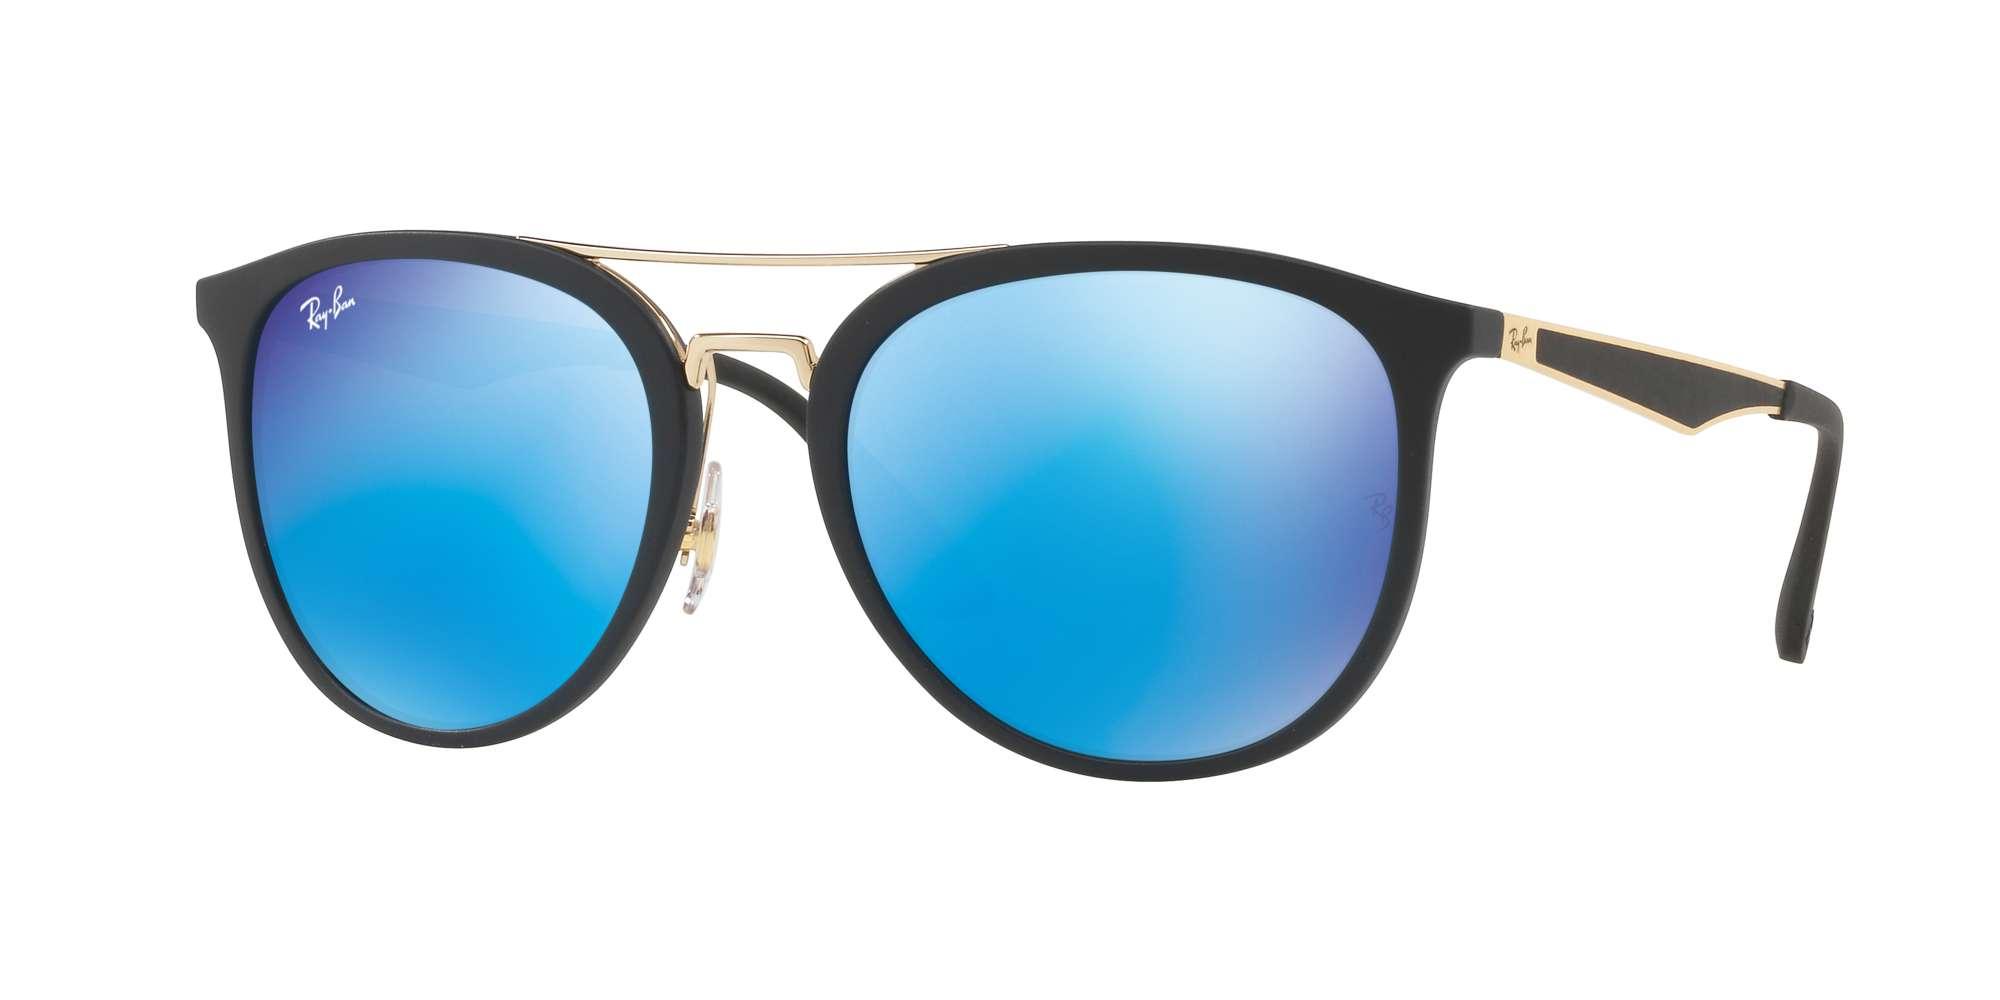 MATTE BLACK / LIGHT GREEN MIRROR BLUE lenses